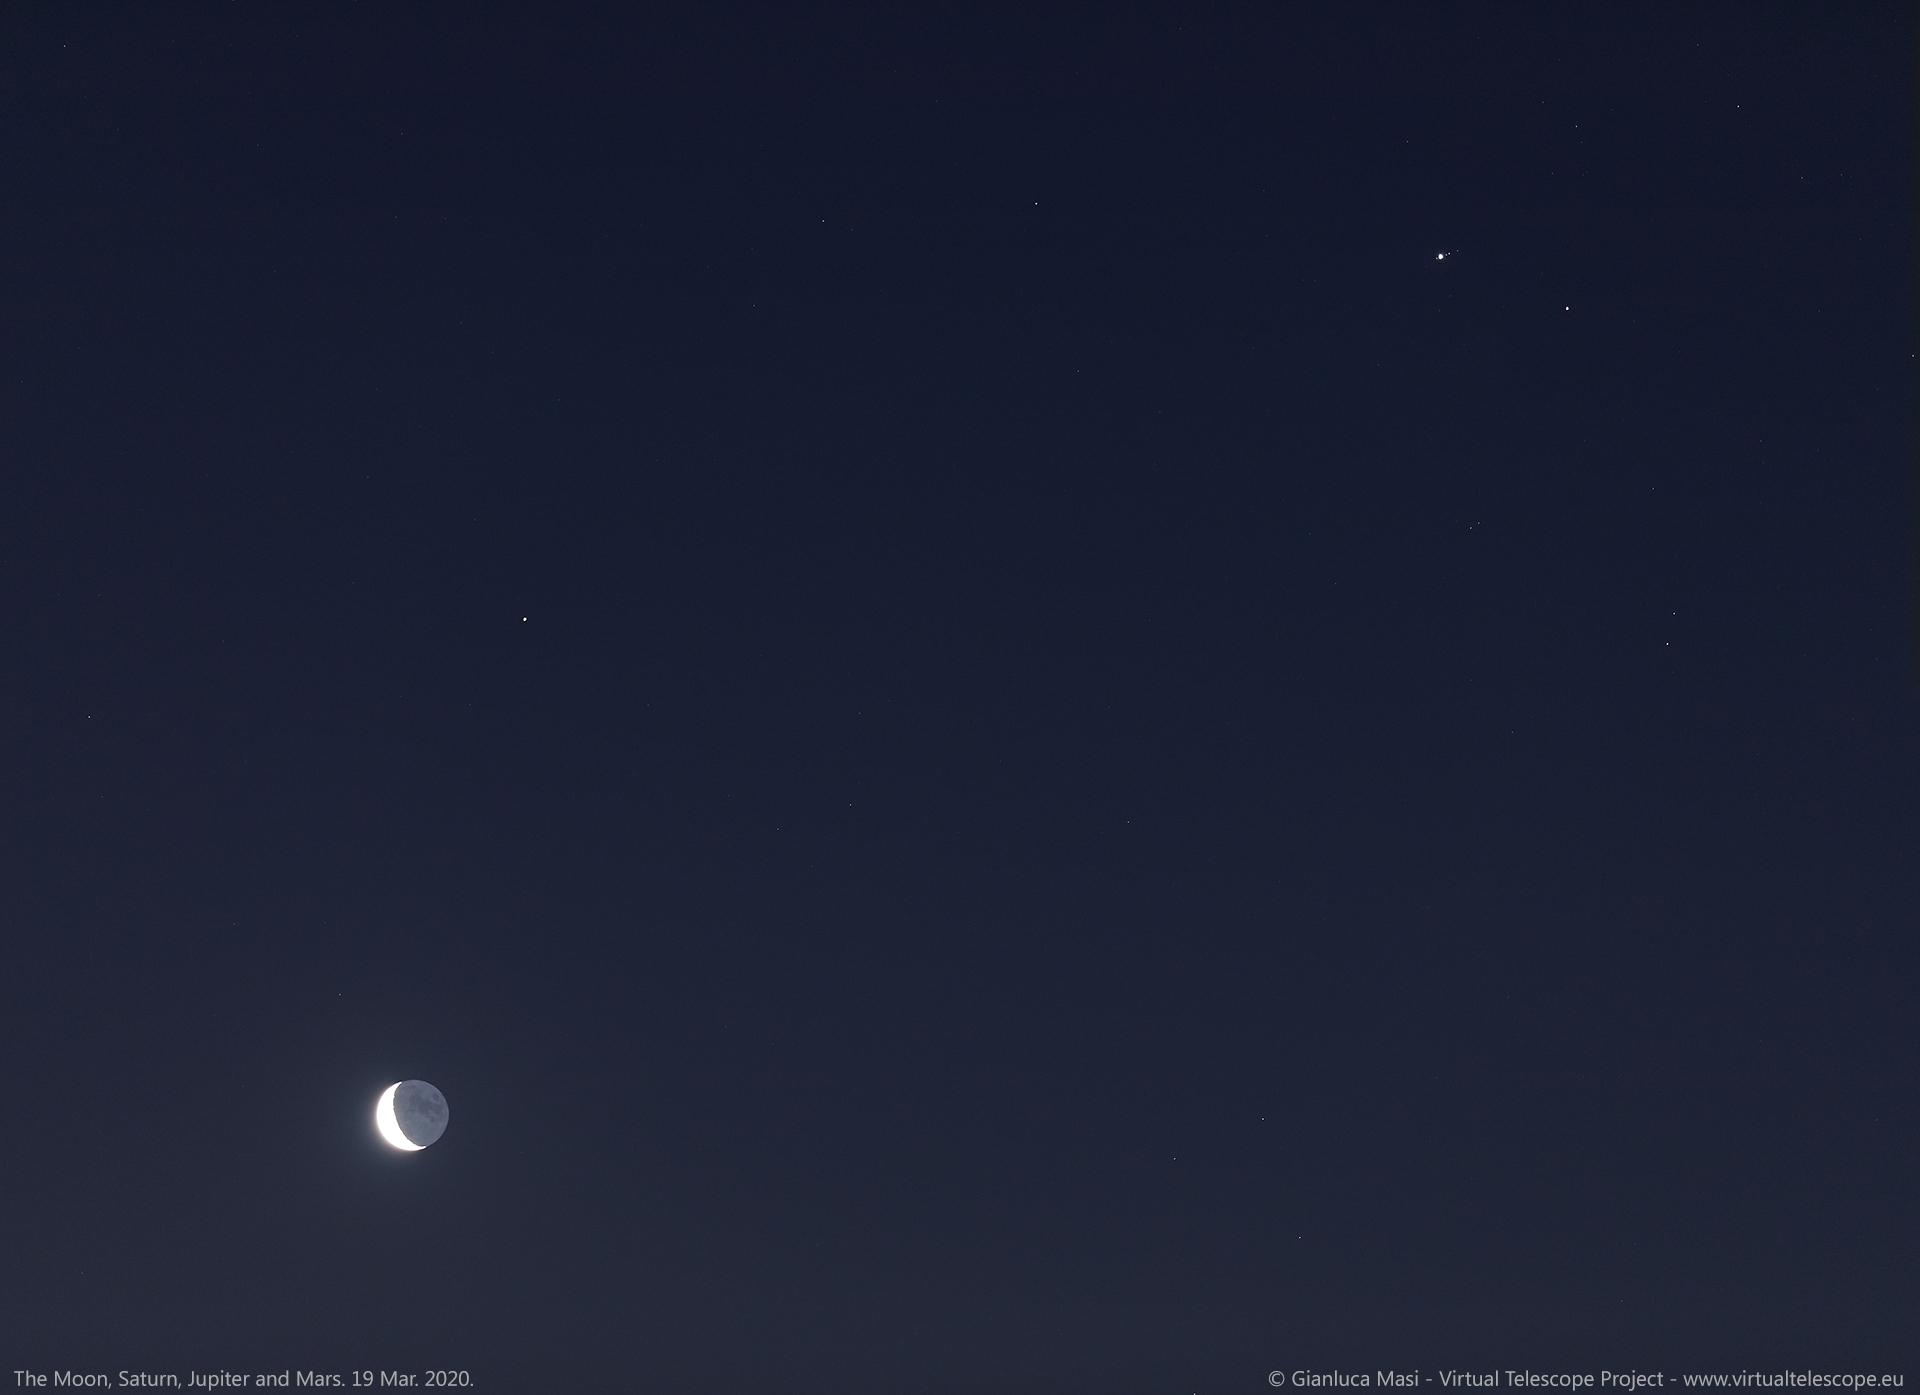 The Moon, Saturn, Jupiter and Mars shine at dawn. 19 Mar. 2020